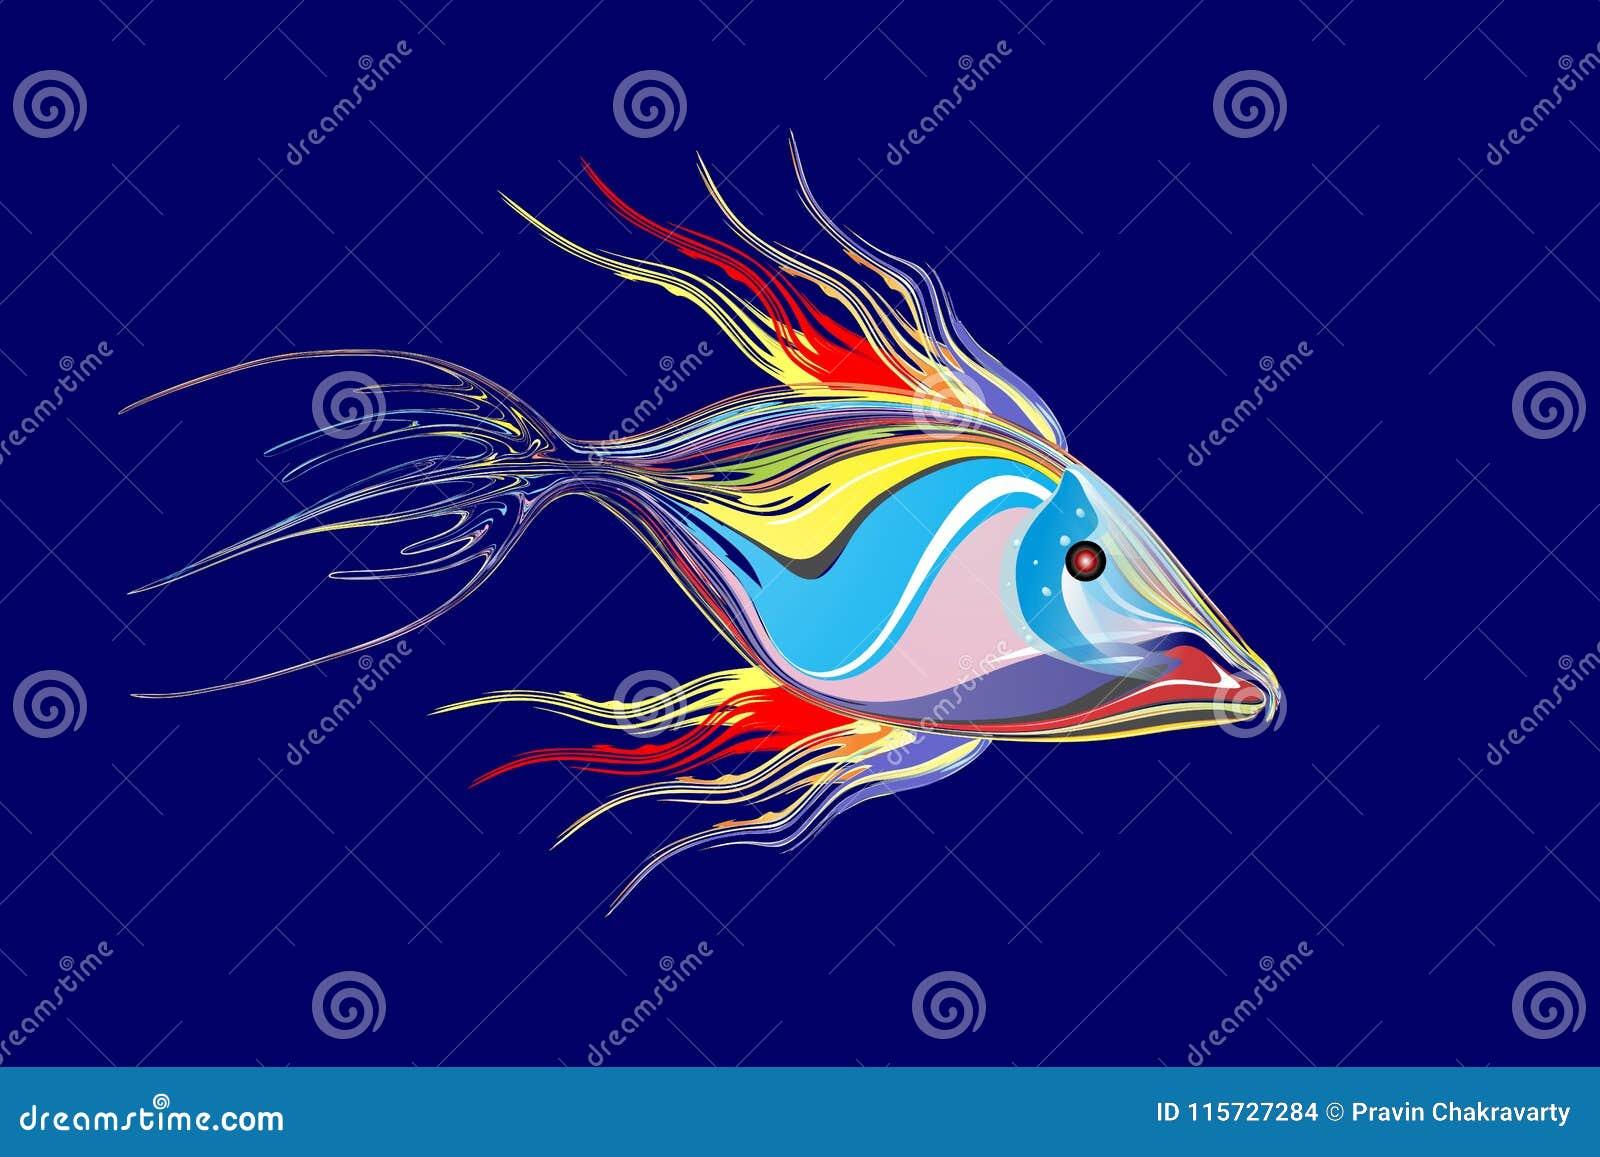 Fond multicolore de poissons de vecteur abstrait avec l effet de la lumière, illustration de vecteur